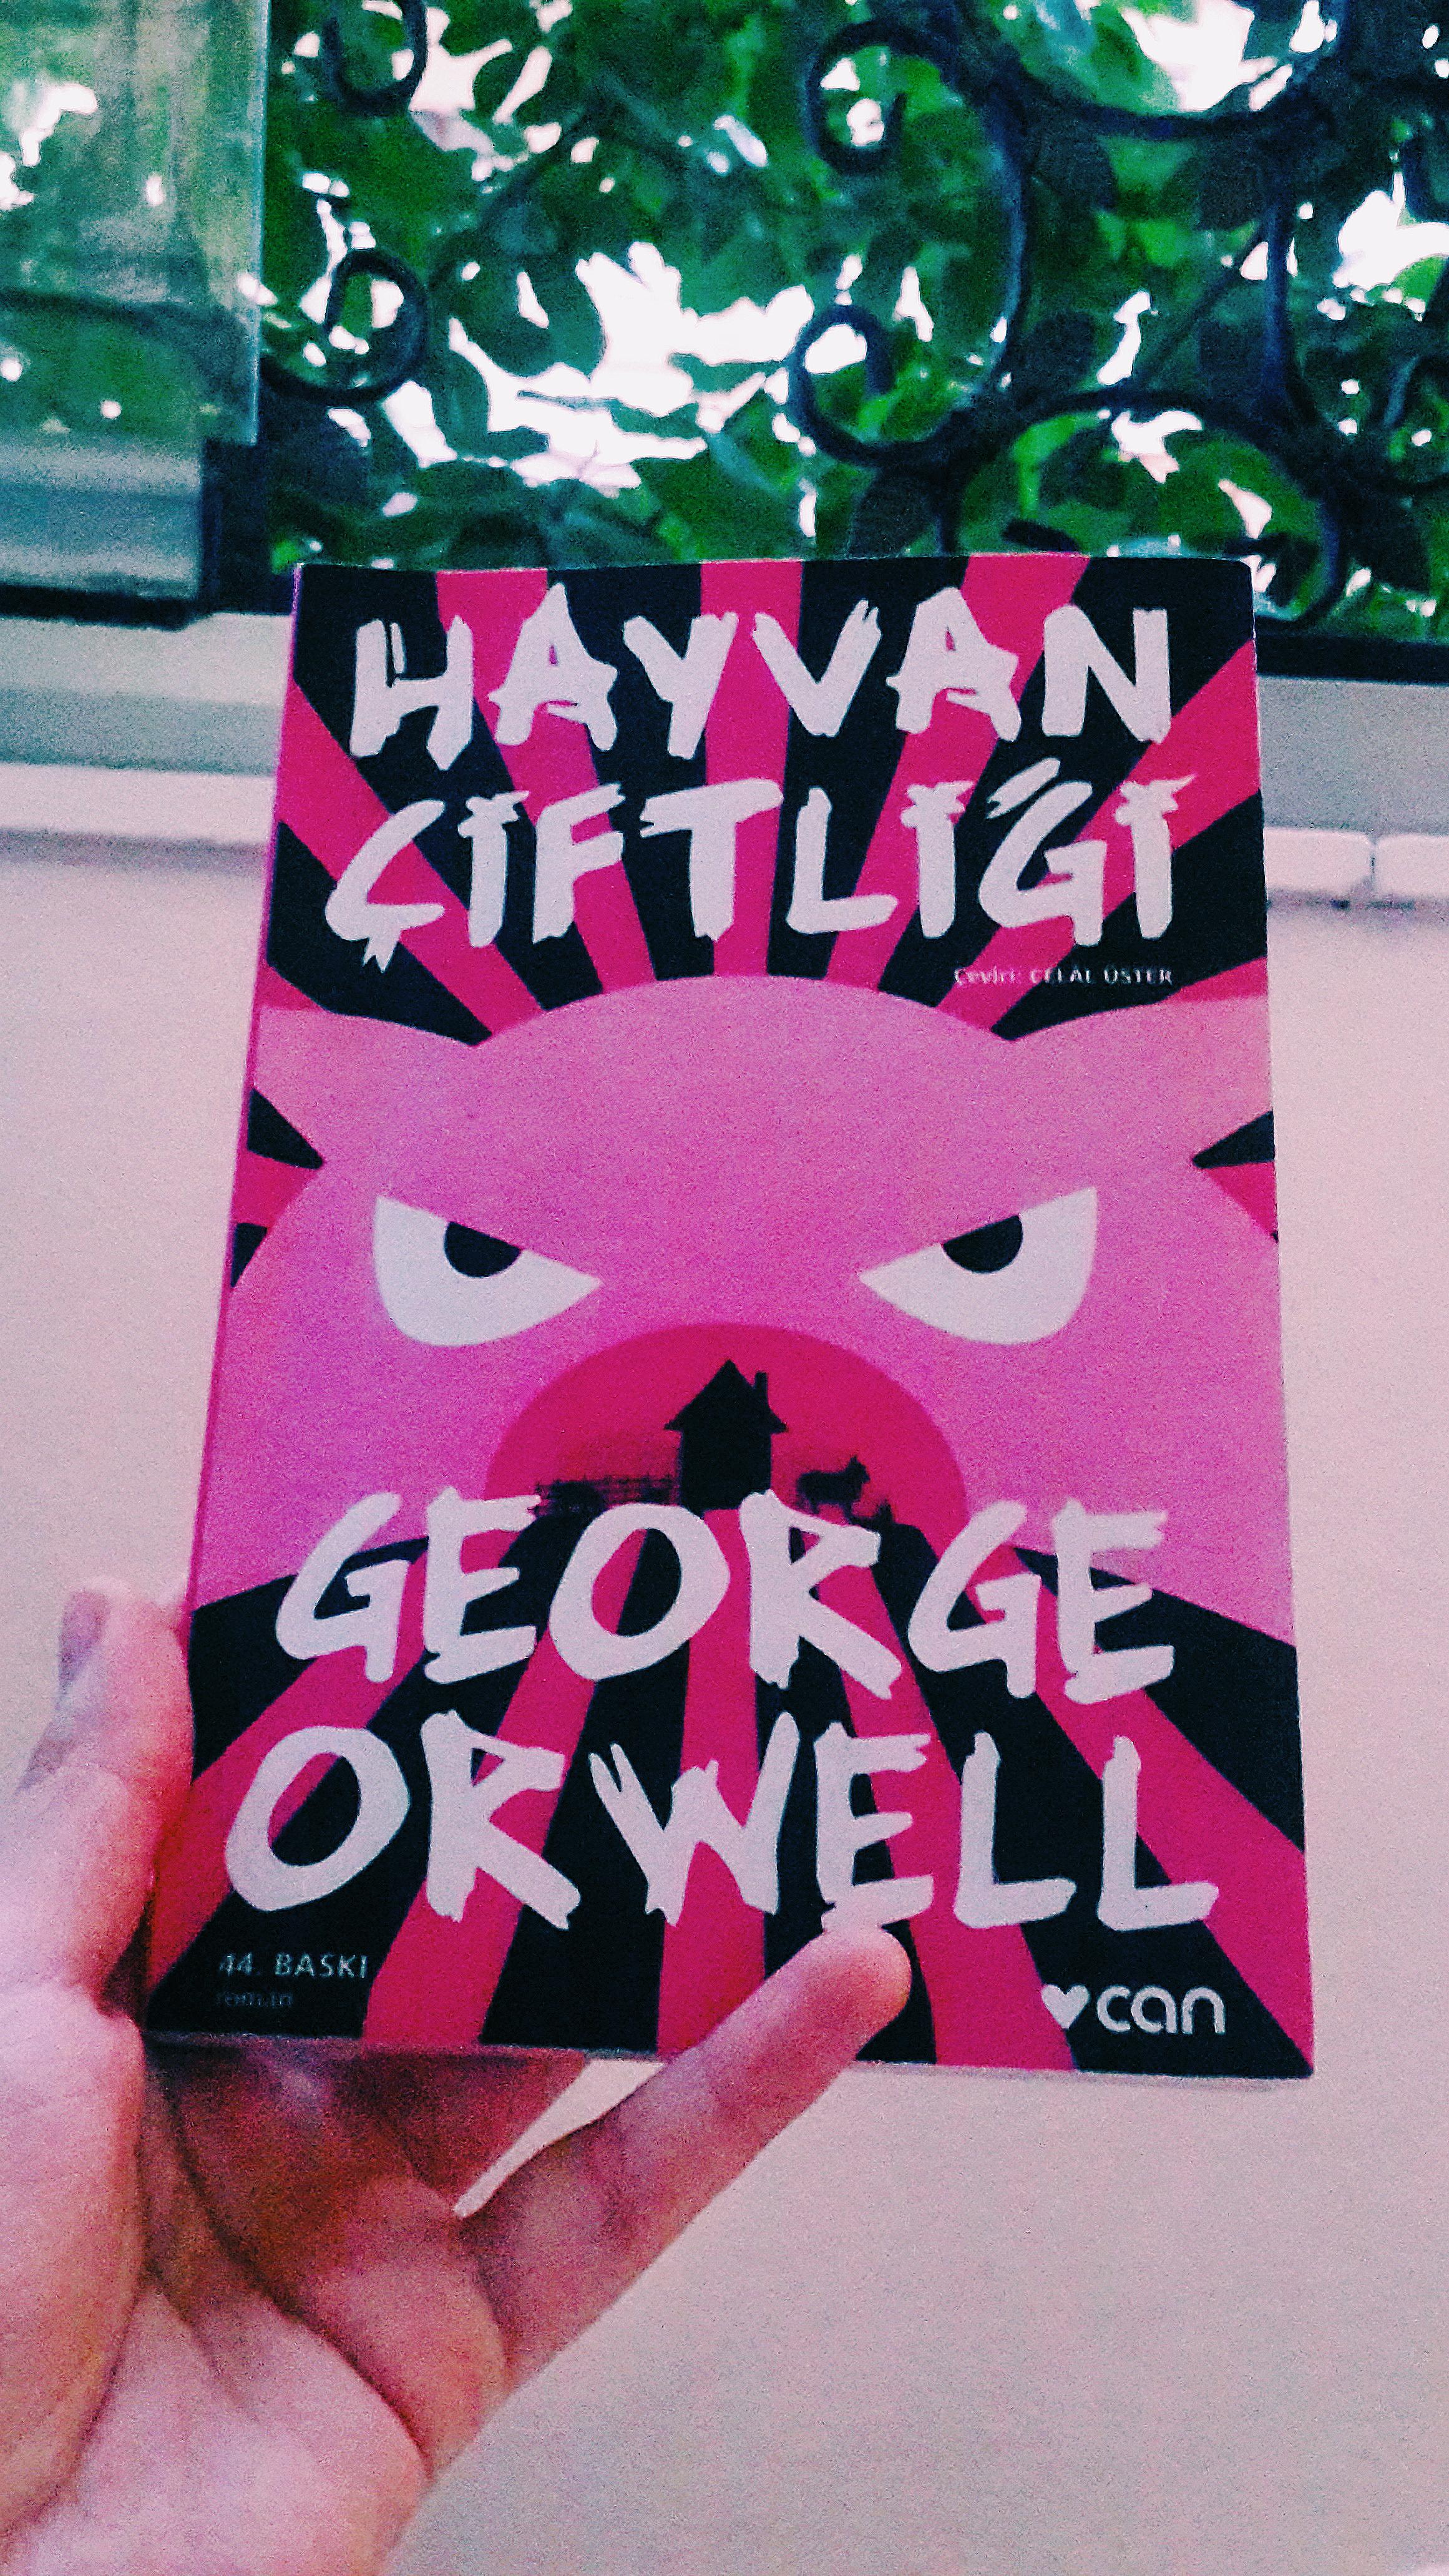 George Orwell-Hayvan Çiftliği